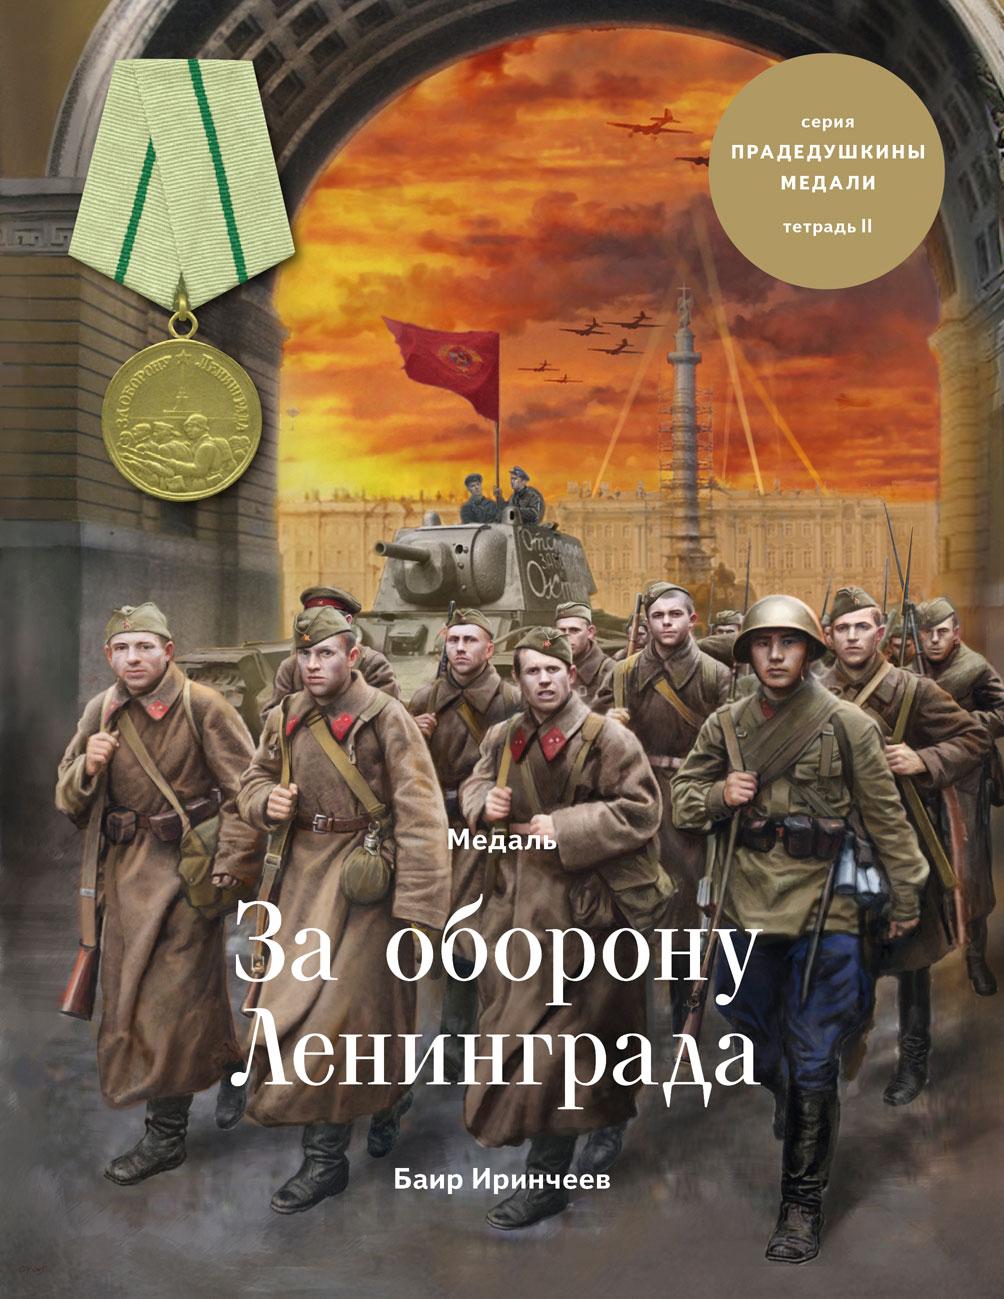 Баир Иринчеев Медаль «За оборону Ленинграда»